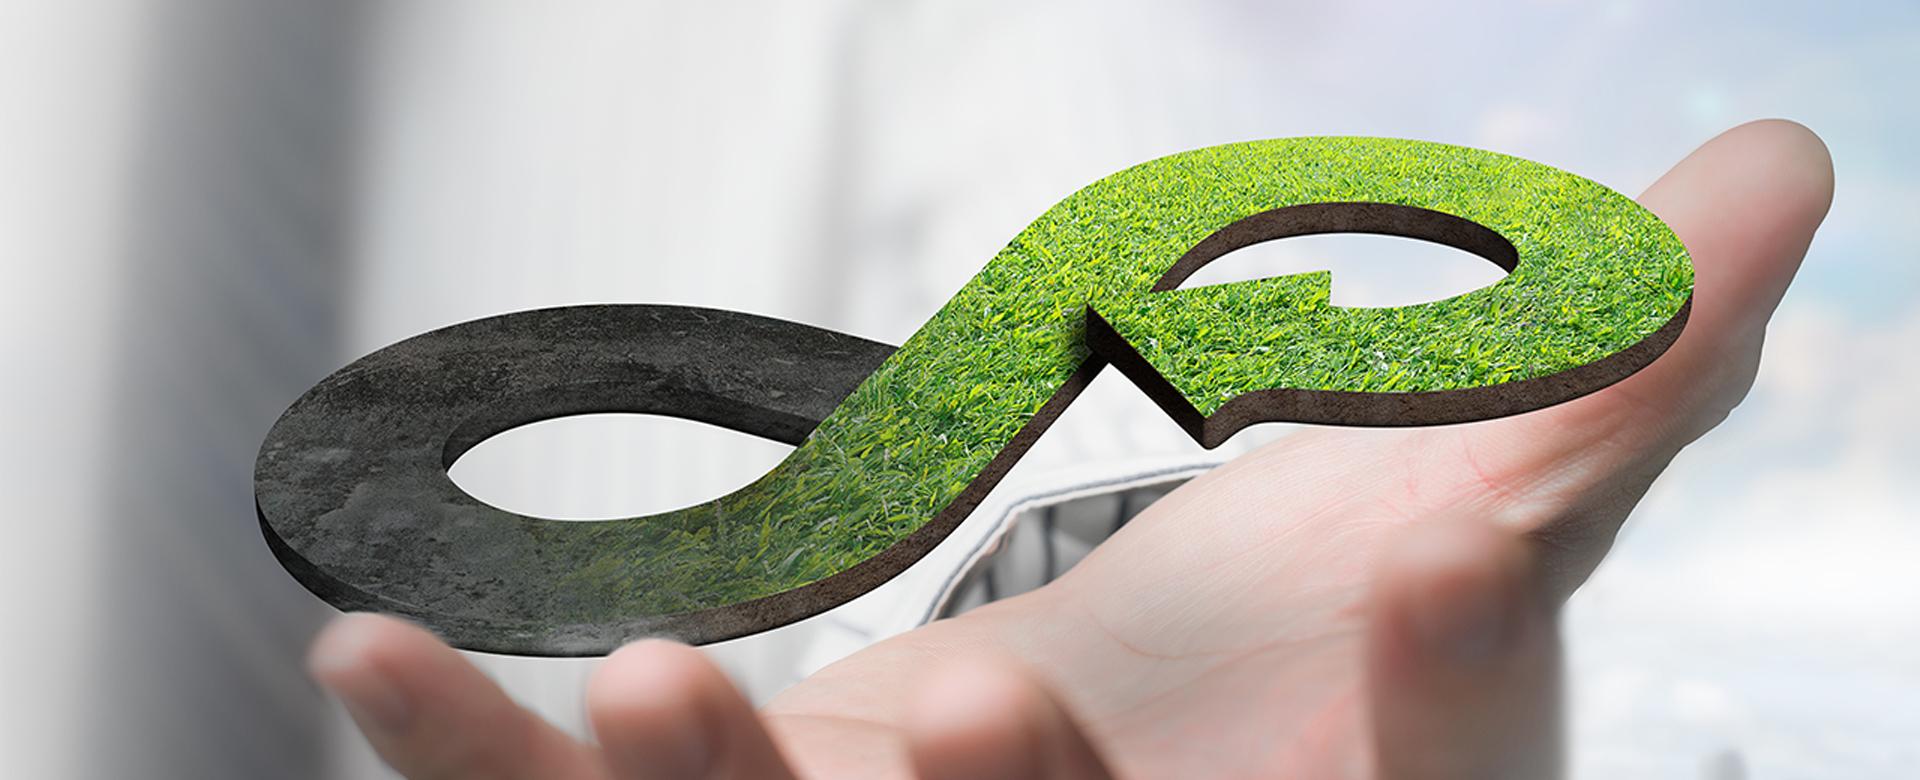 L'économie circulaire: repenser nos modes de production et de consommation